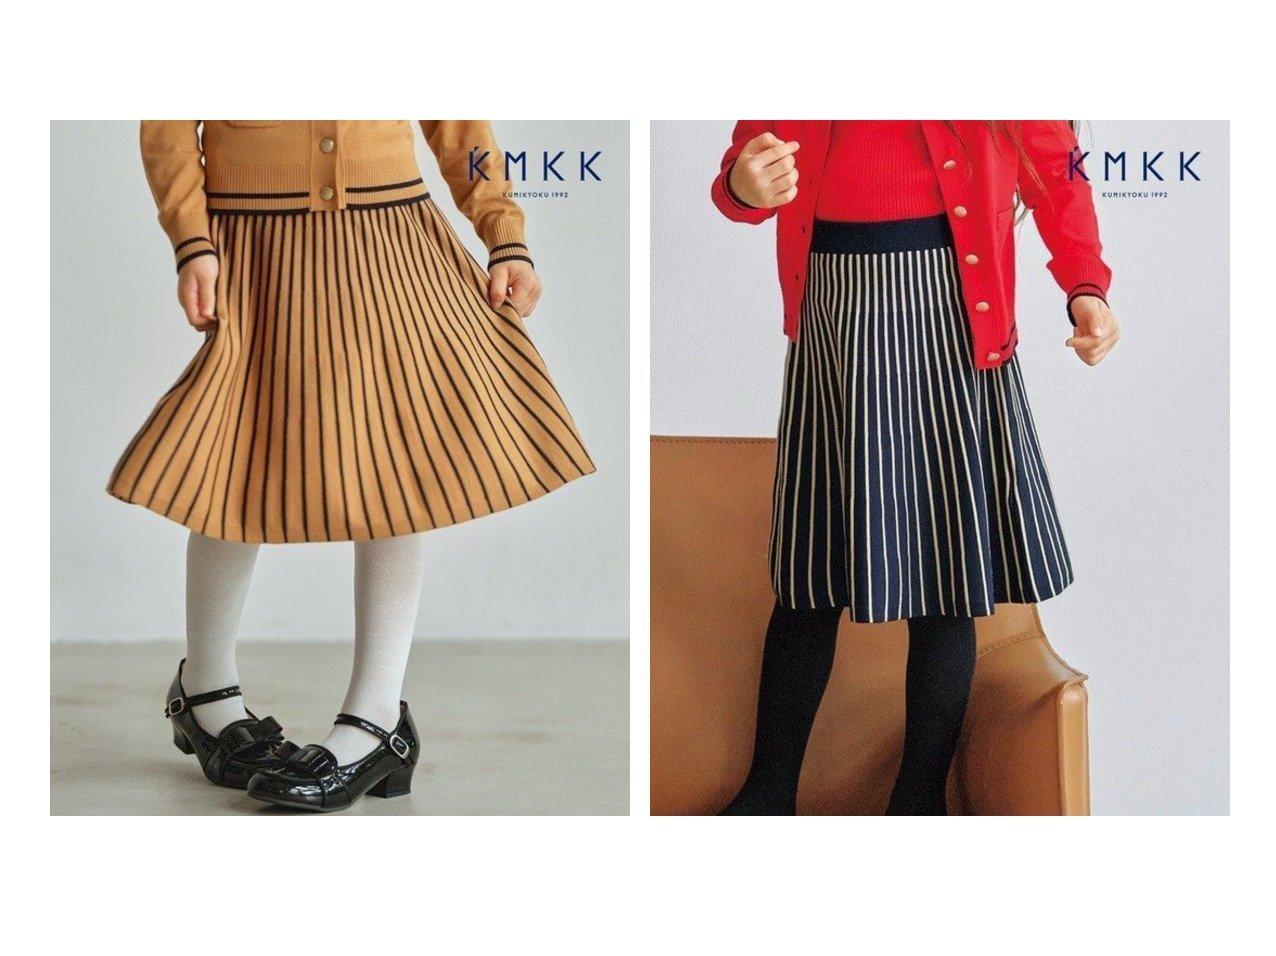 【KUMIKYOKU / KIDS/組曲】の【100-120cm】ヴィスコースストレッチ スカート(番号KJ44) 【KIDS】子供服のおすすめ!人気トレンド・キッズファッションの通販 おすすめで人気の流行・トレンド、ファッションの通販商品 メンズファッション・キッズファッション・インテリア・家具・レディースファッション・服の通販 founy(ファニー) https://founy.com/ ファッション Fashion キッズファッション KIDS 秋 Autumn/Fall カーディガン ストレッチ セットアップ パーカー ベーシック A/W 秋冬 AW Autumn/Winter / FW Fall-Winter 2020年 2020 2020-2021 秋冬 A/W AW Autumn/Winter / FW Fall-Winter 2020-2021 送料無料 Free Shipping |ID:crp329100000019699